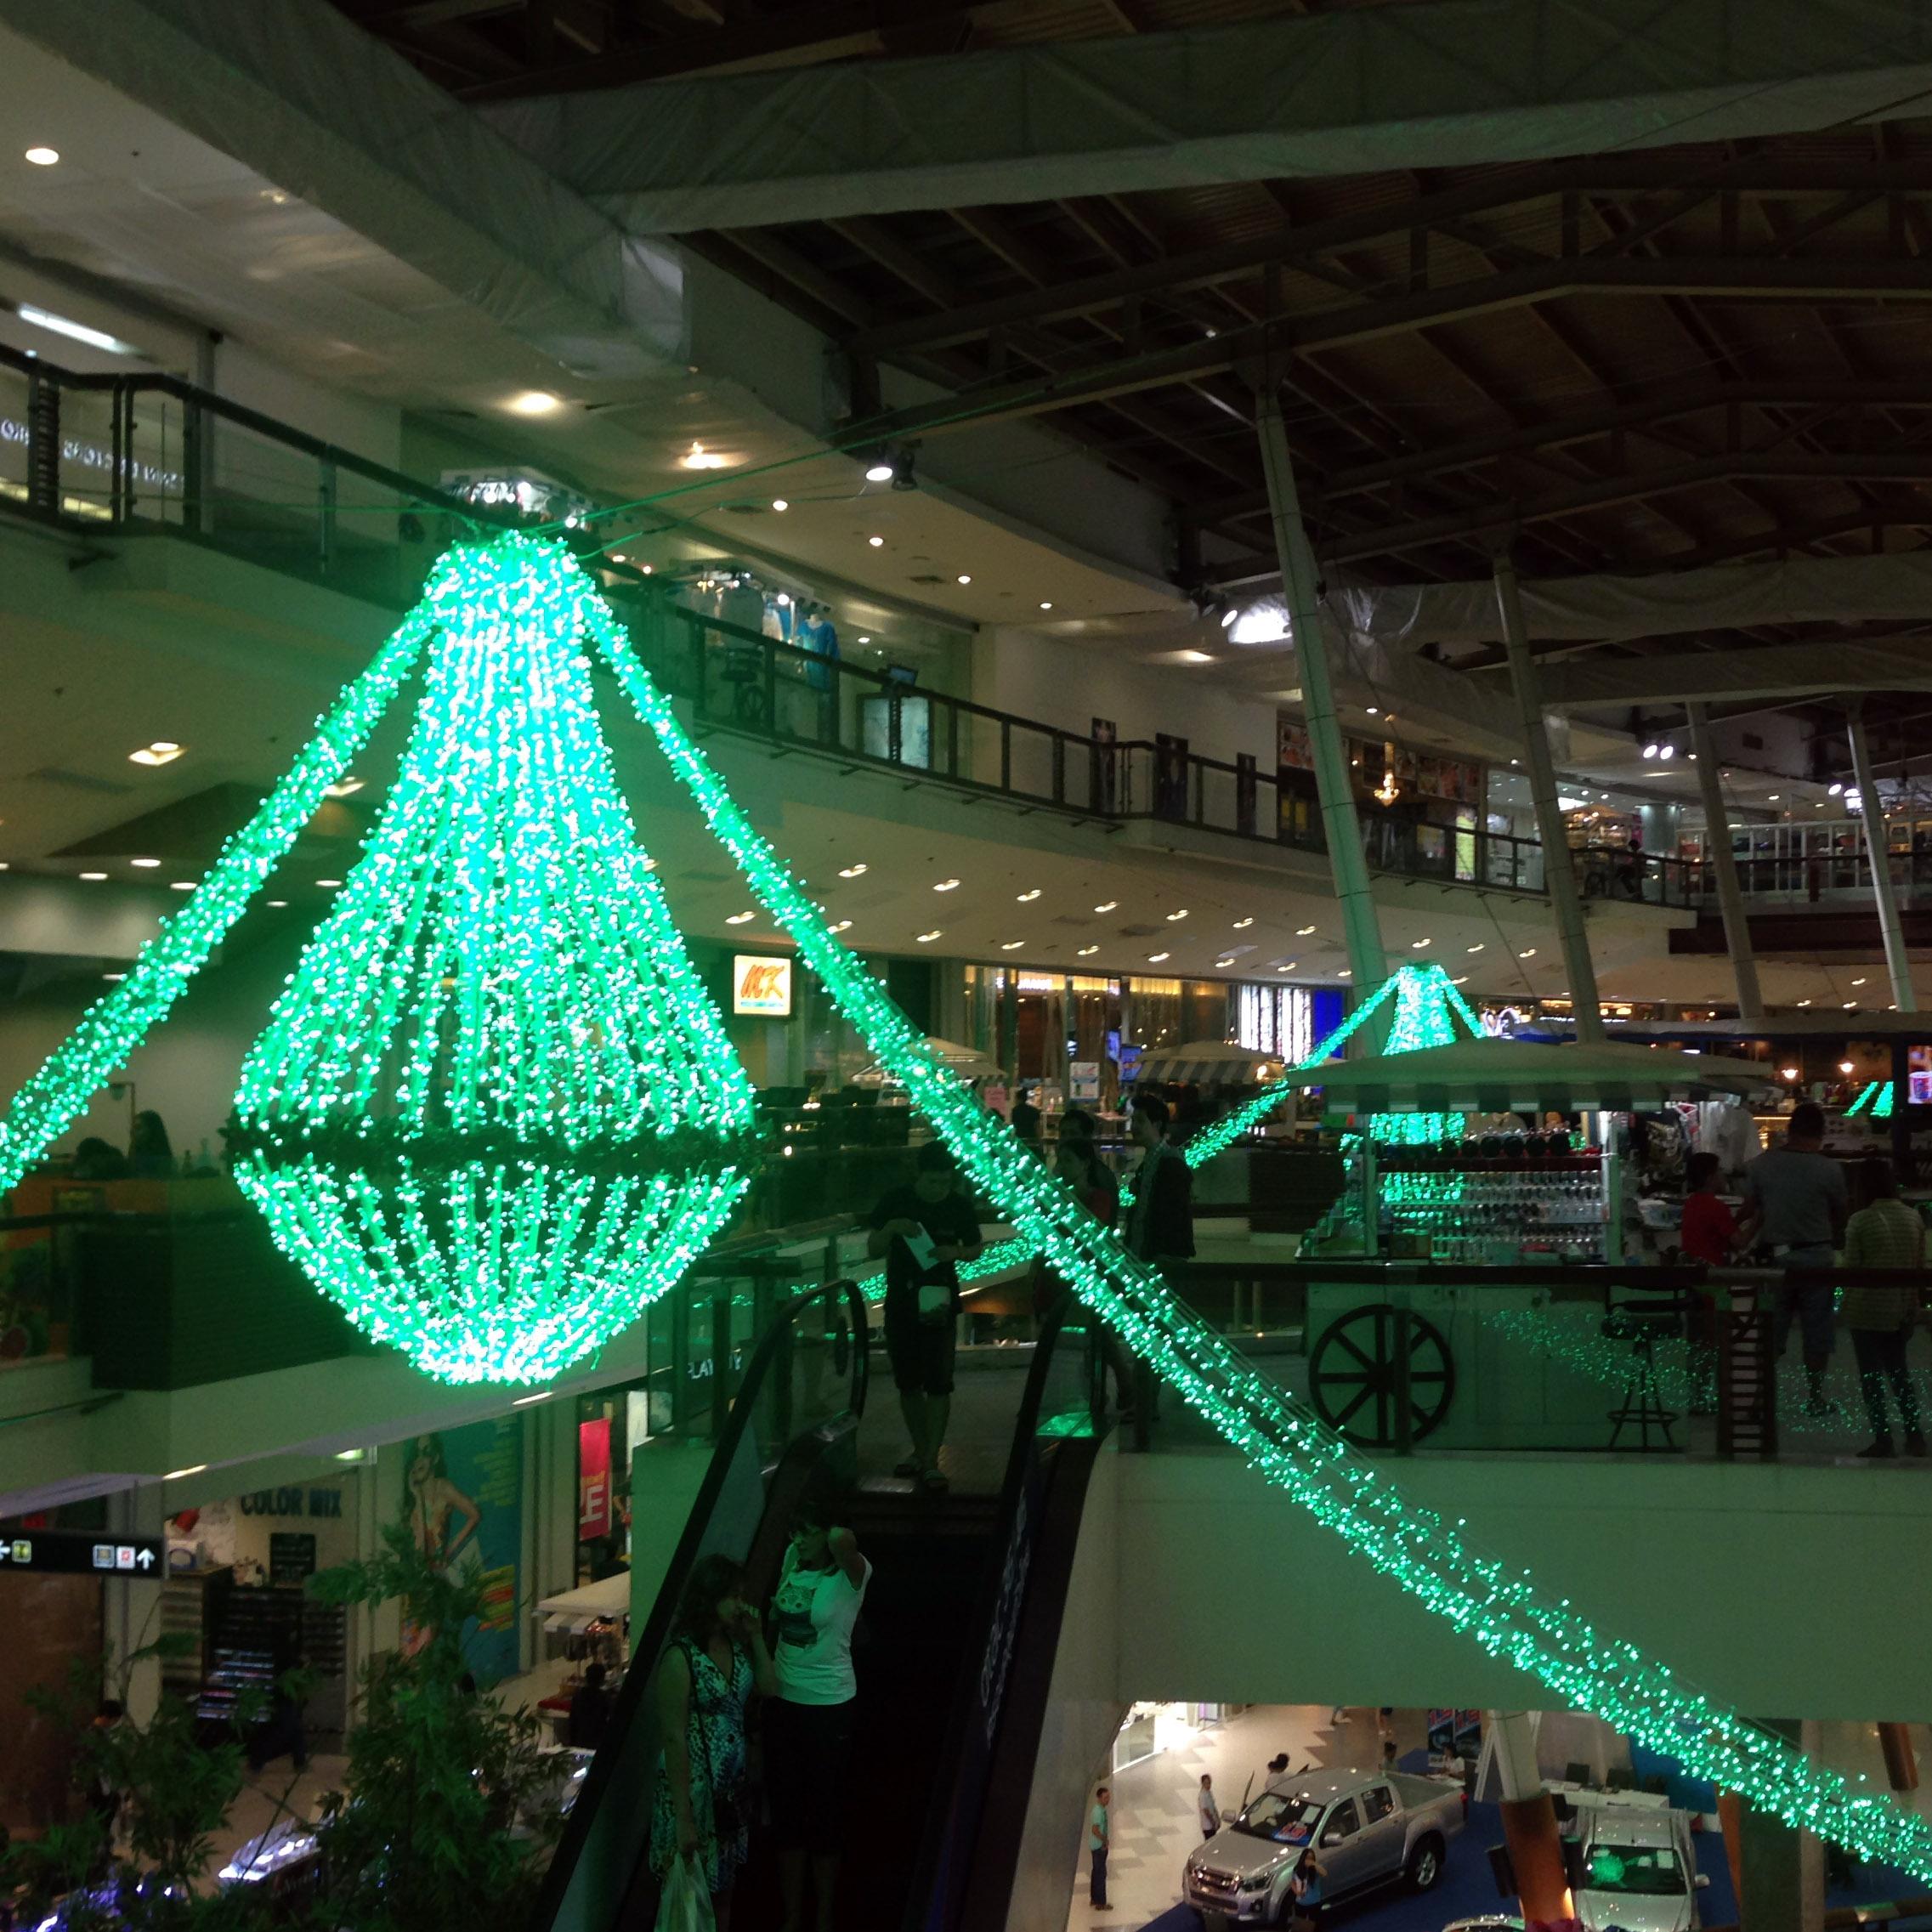 Weihnachten spielt hier keine so große Rolle – aber in dem riesigen westlich geprägten Einkaufszentrum gibt's klassische Weihnachtsdeko.